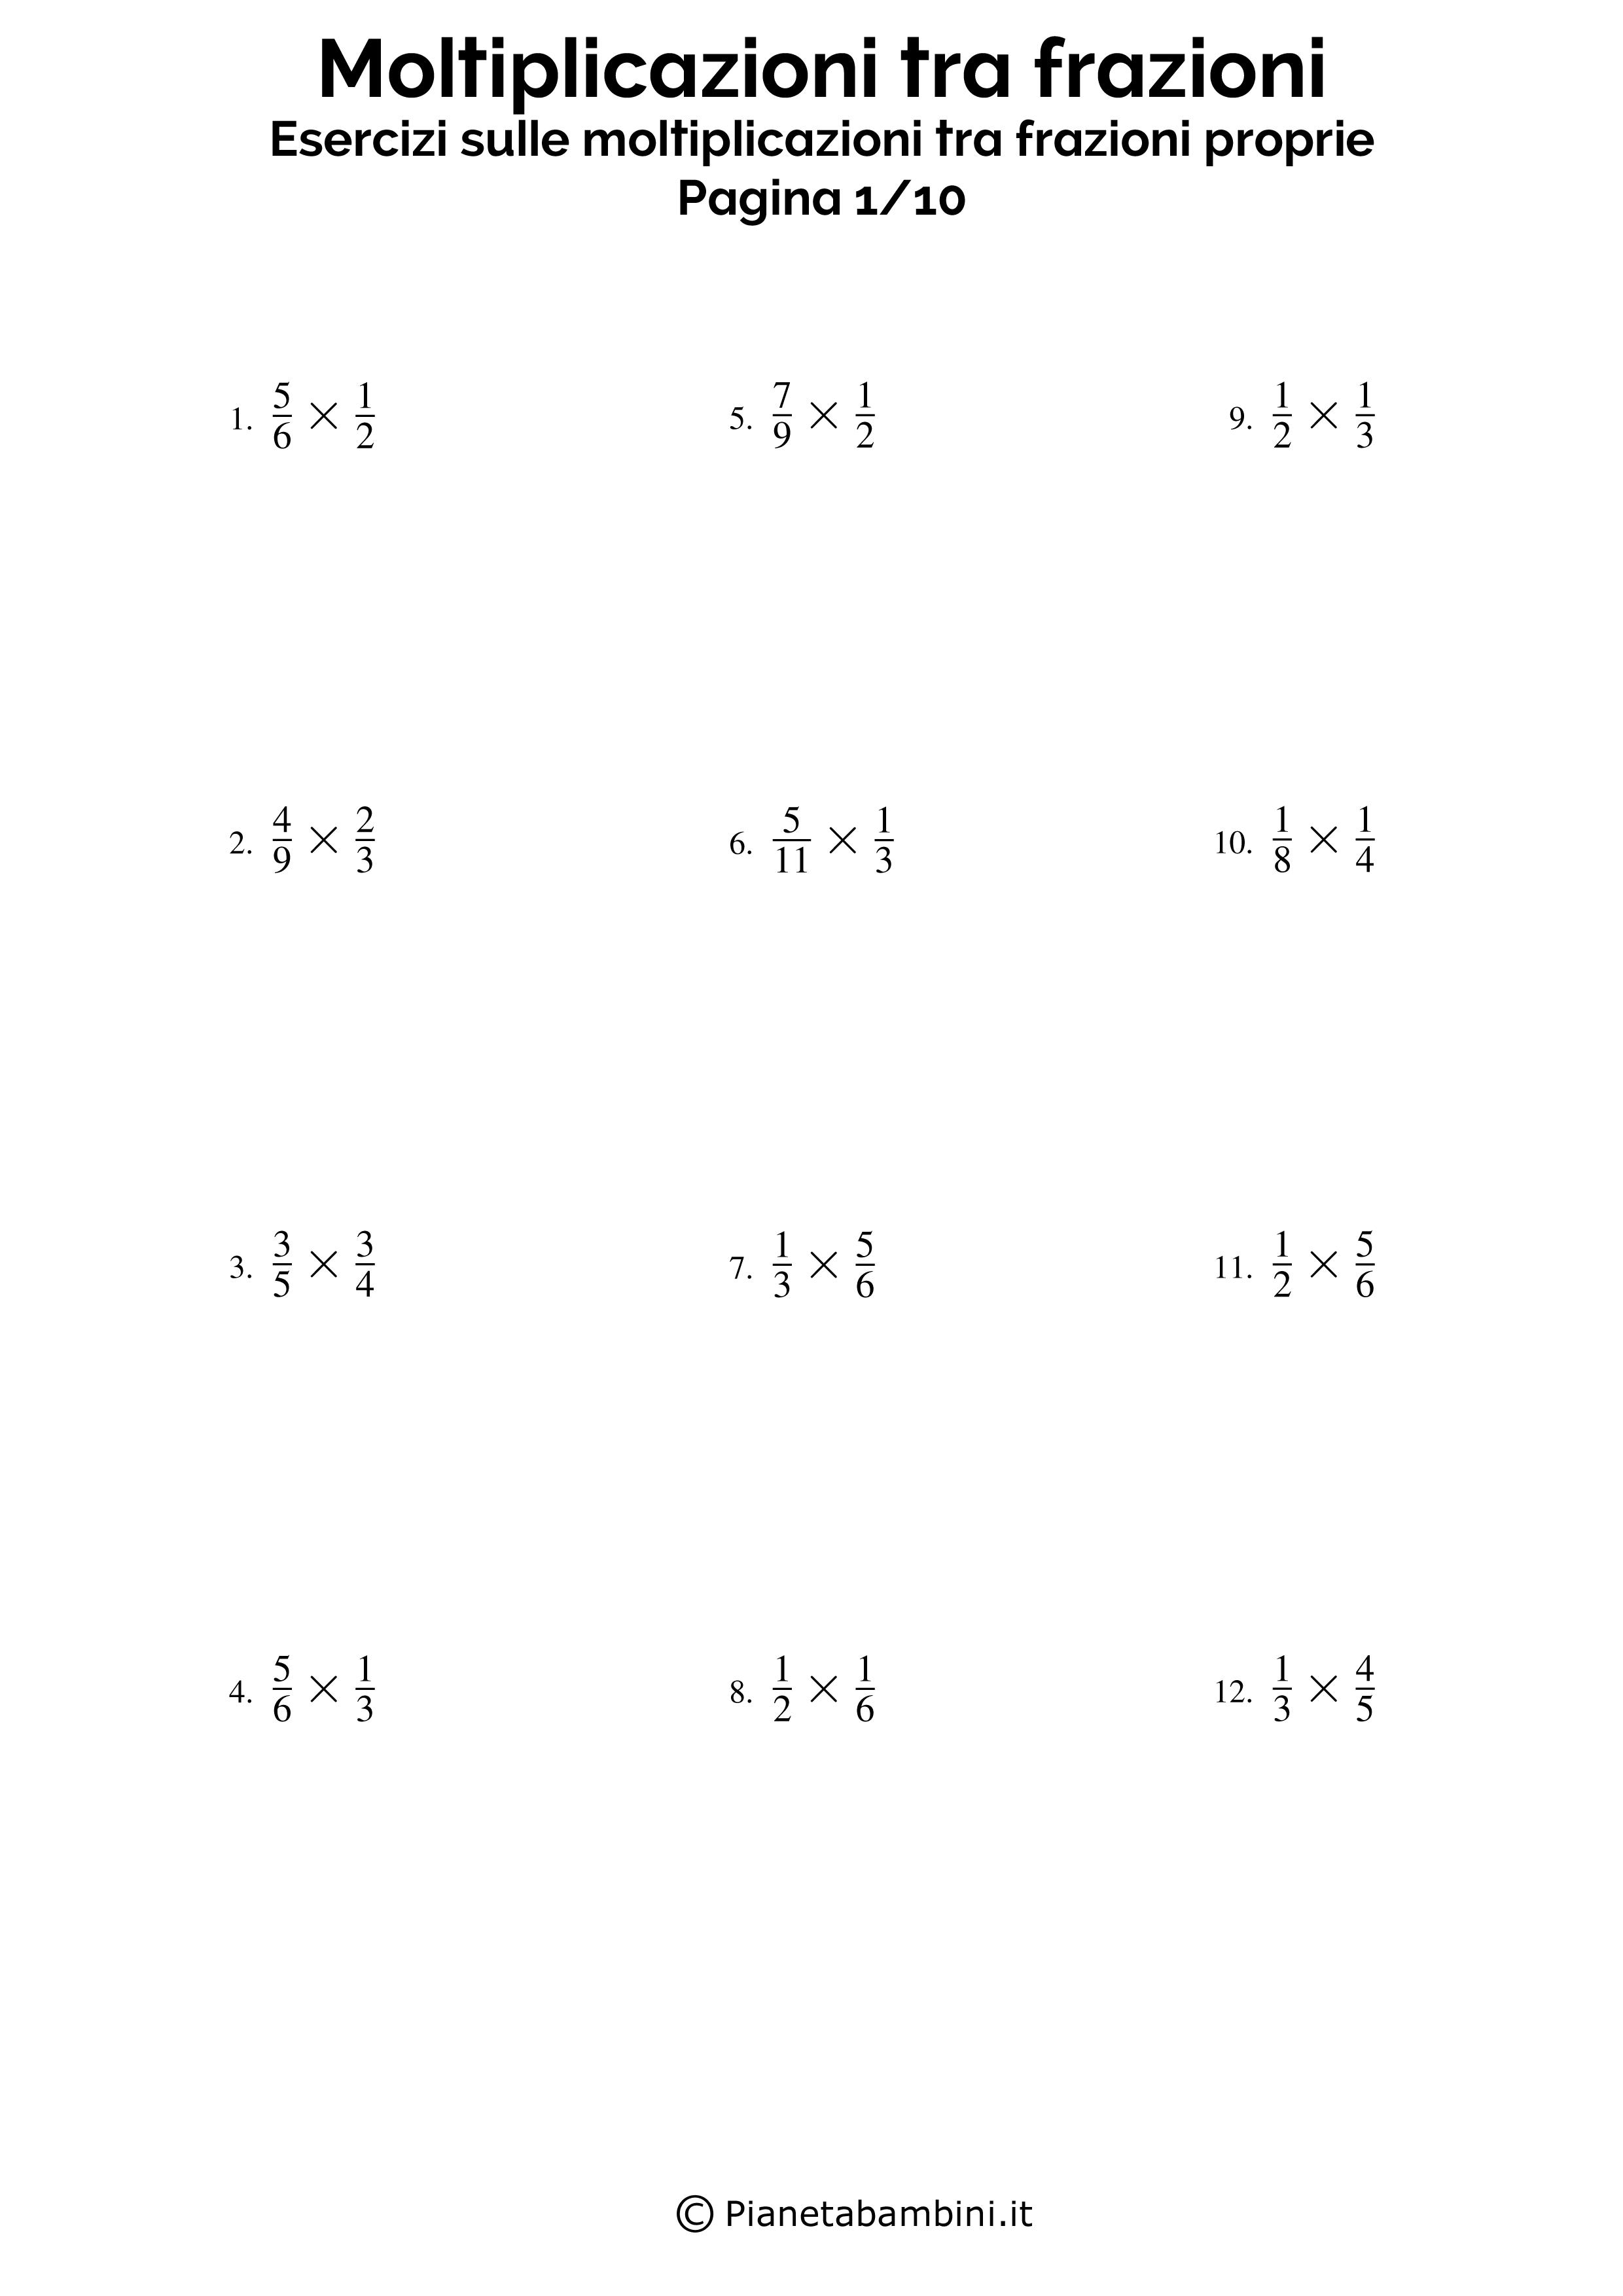 Moltiplicazioni-Frazioni-Proprie_01